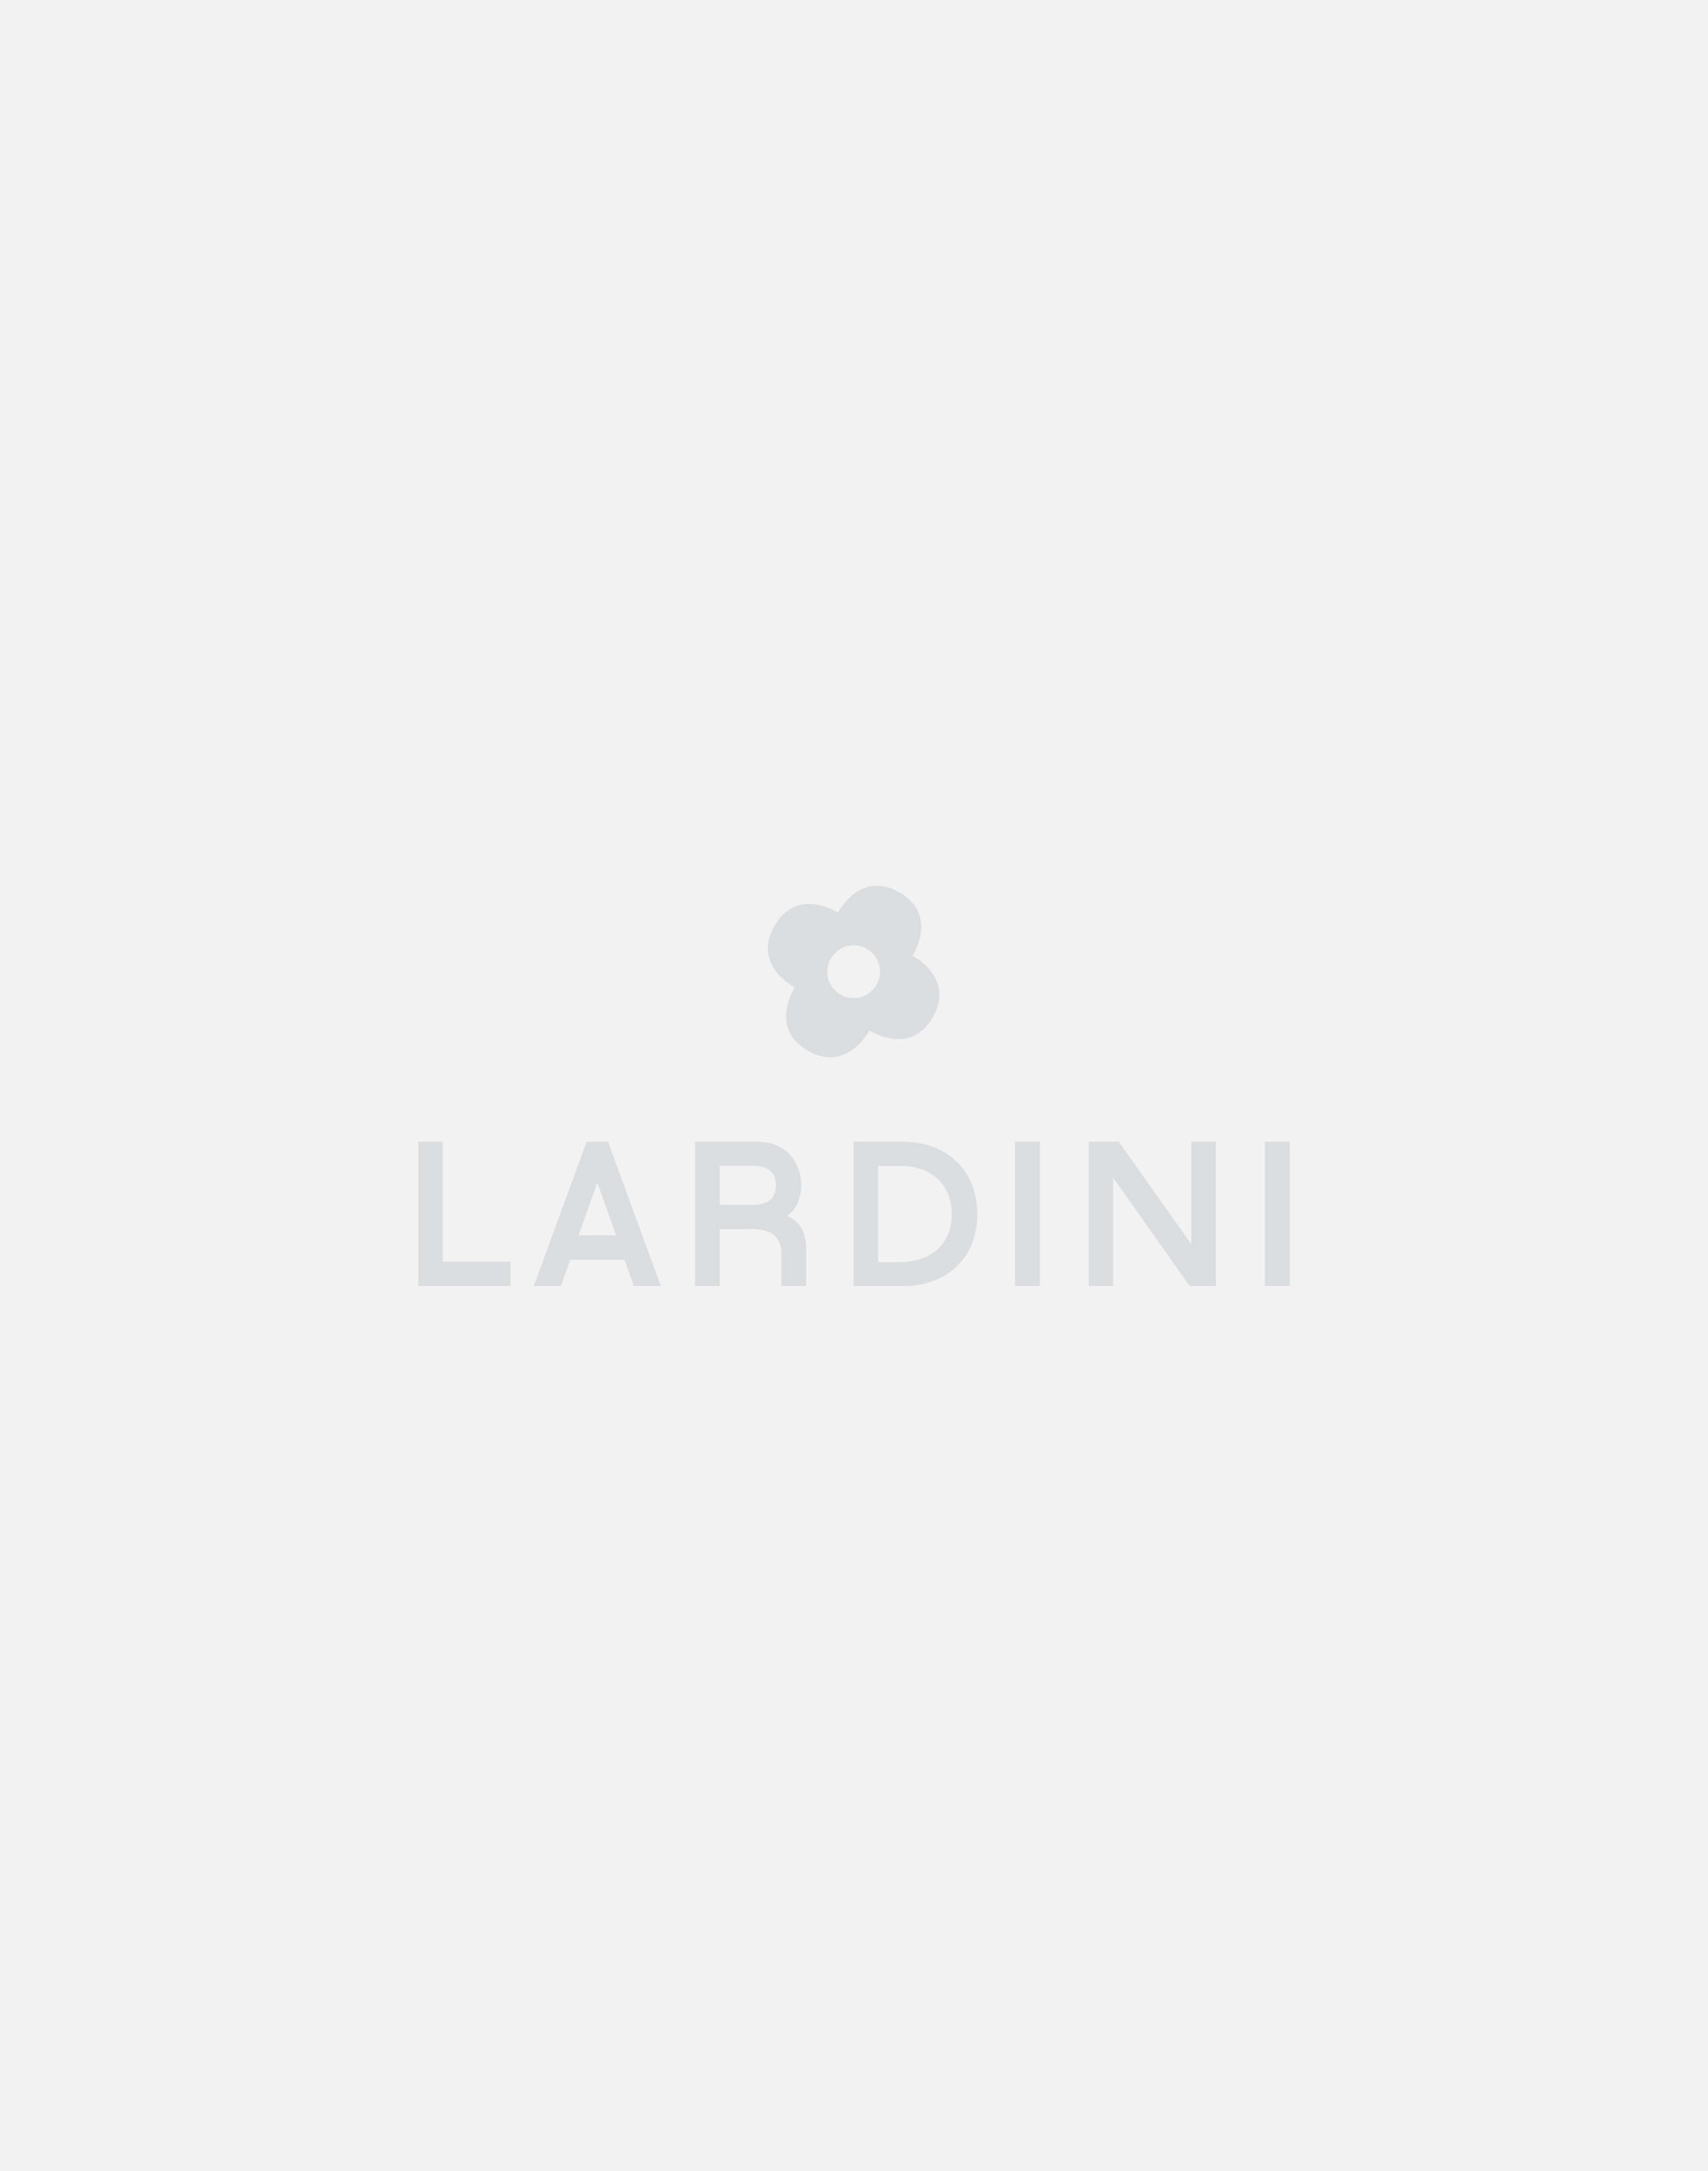 T-shirt con ricamo bianca - Capsule Luigi Lardini